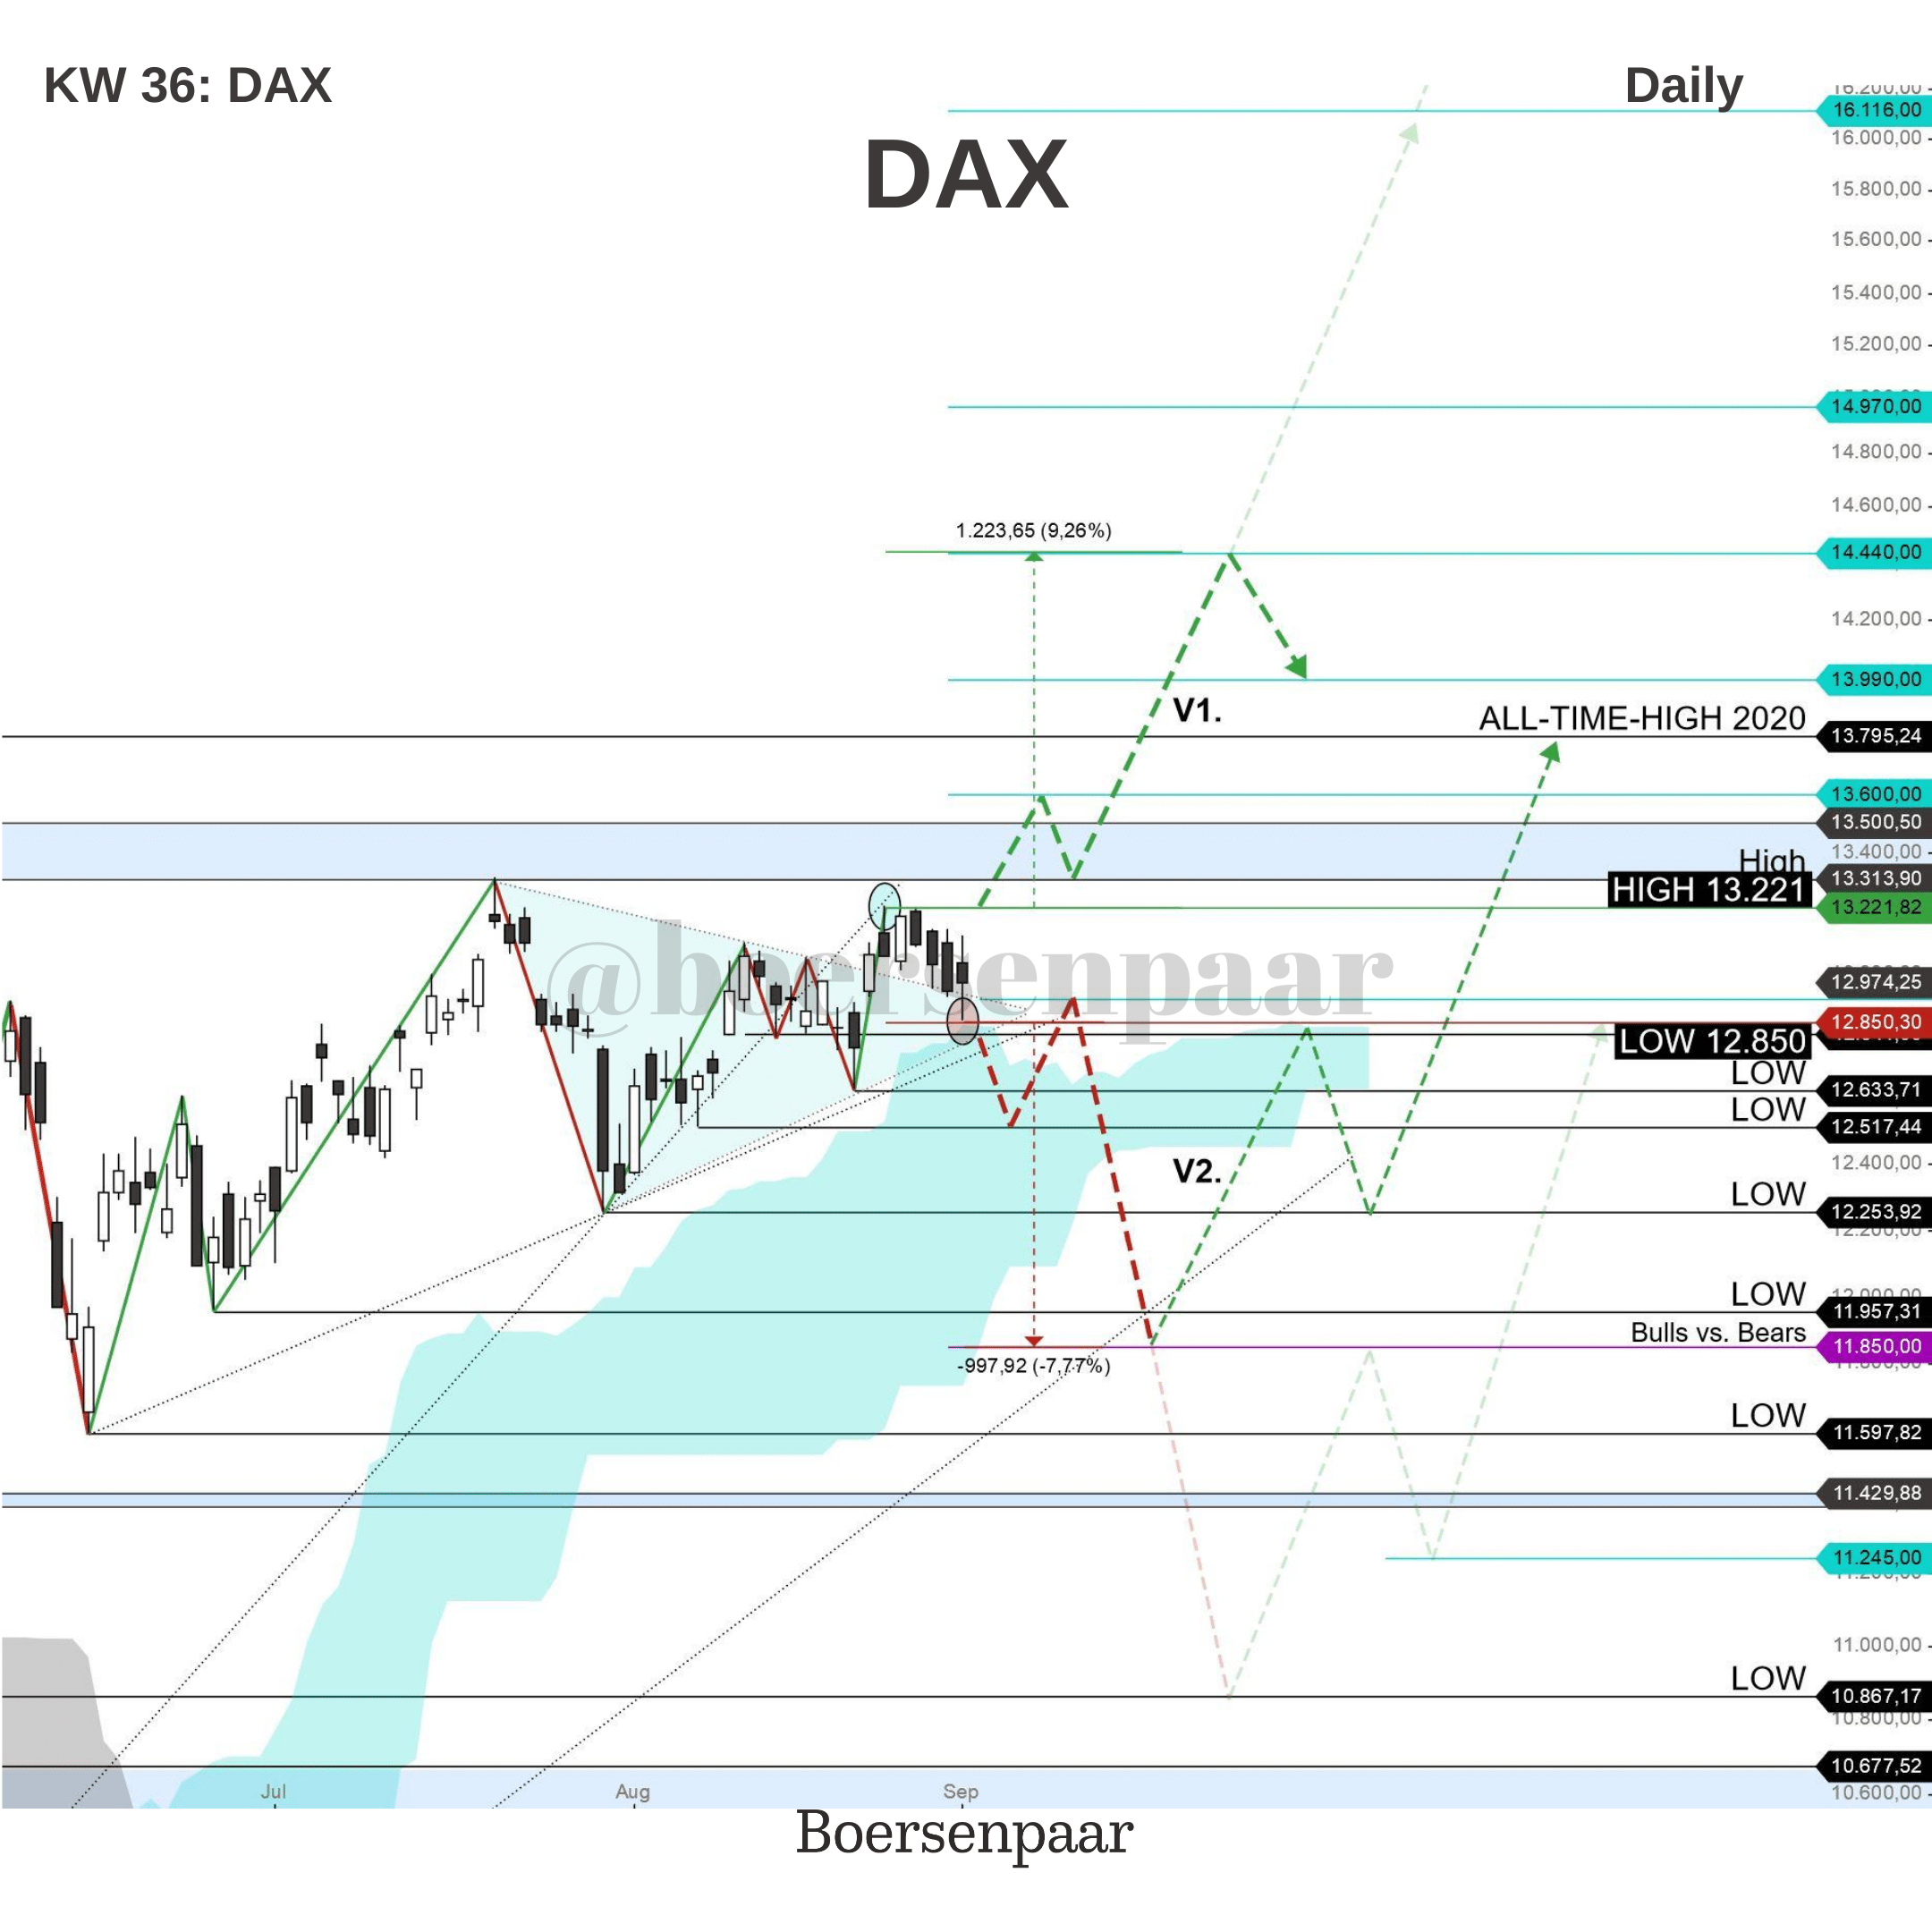 DAX Analyse - KW 36